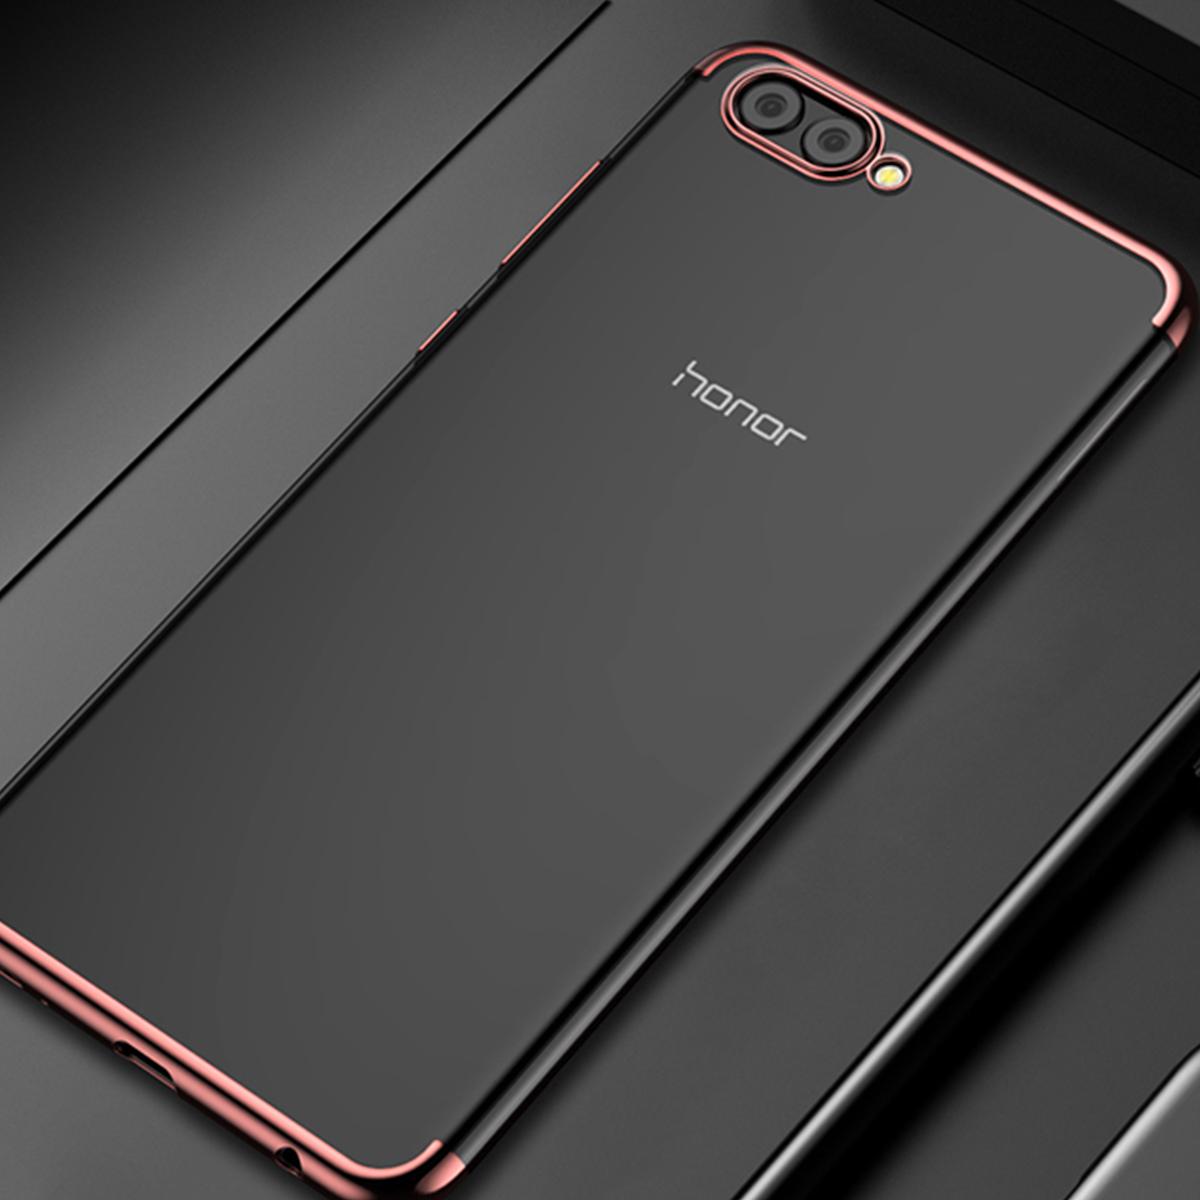 cheap for discount 96579 a5208 Huawei Nova 2i Honor 9 Lite Honor 7X V10 Plating TPU Soft Case Cover C